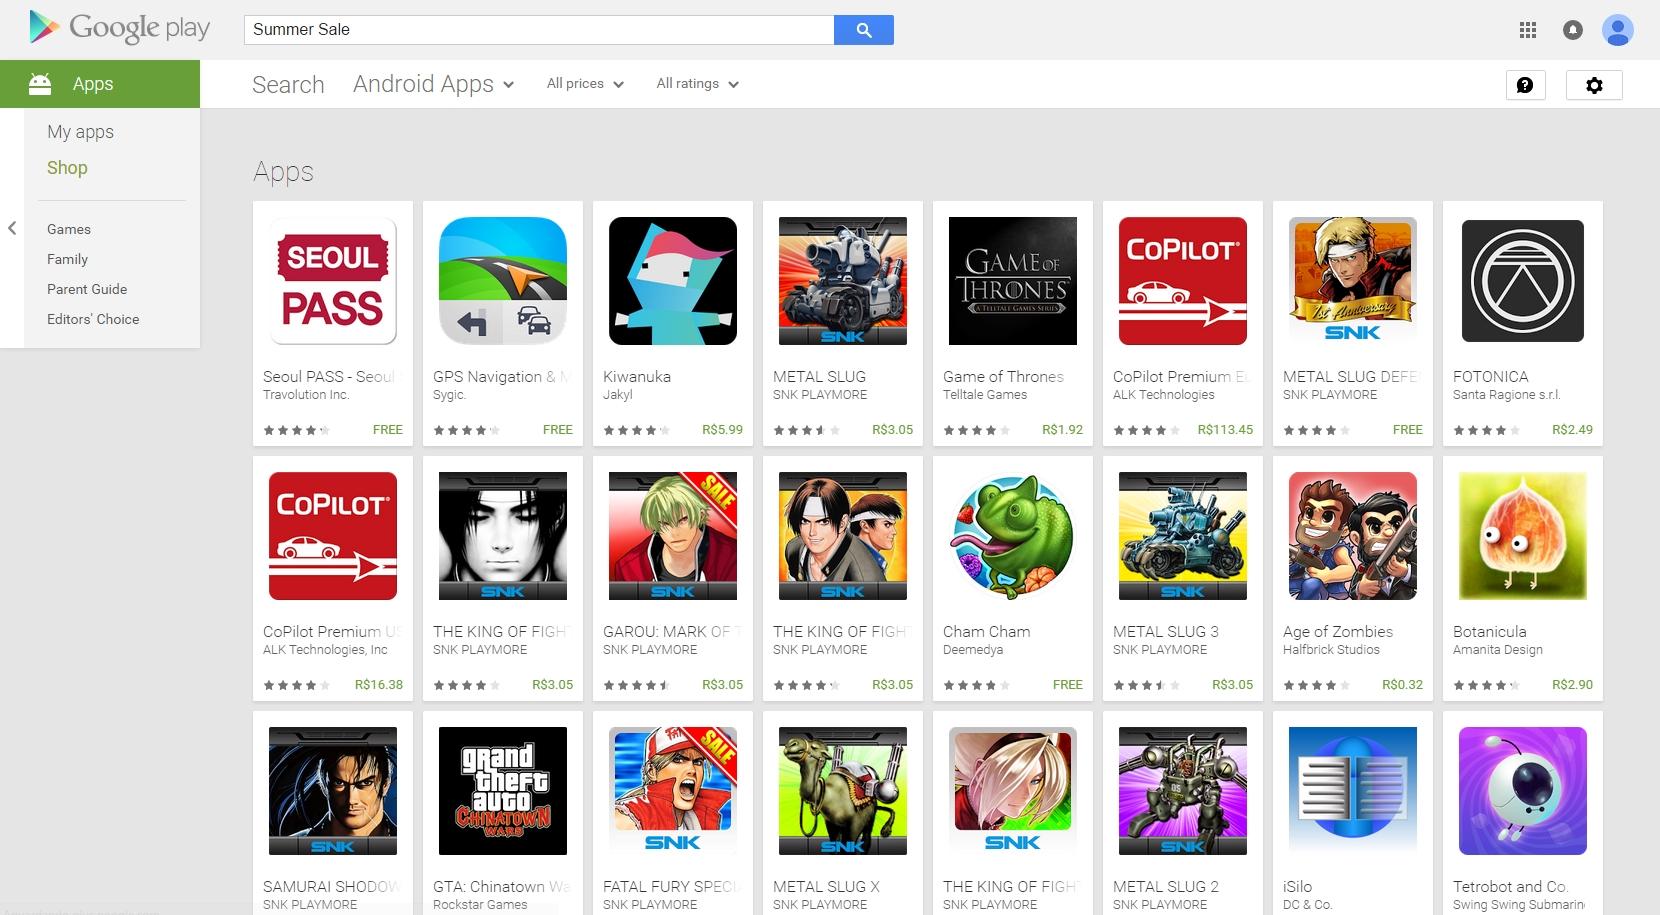 Preparem suas carteiras: começou a summer sale na Google Play Store